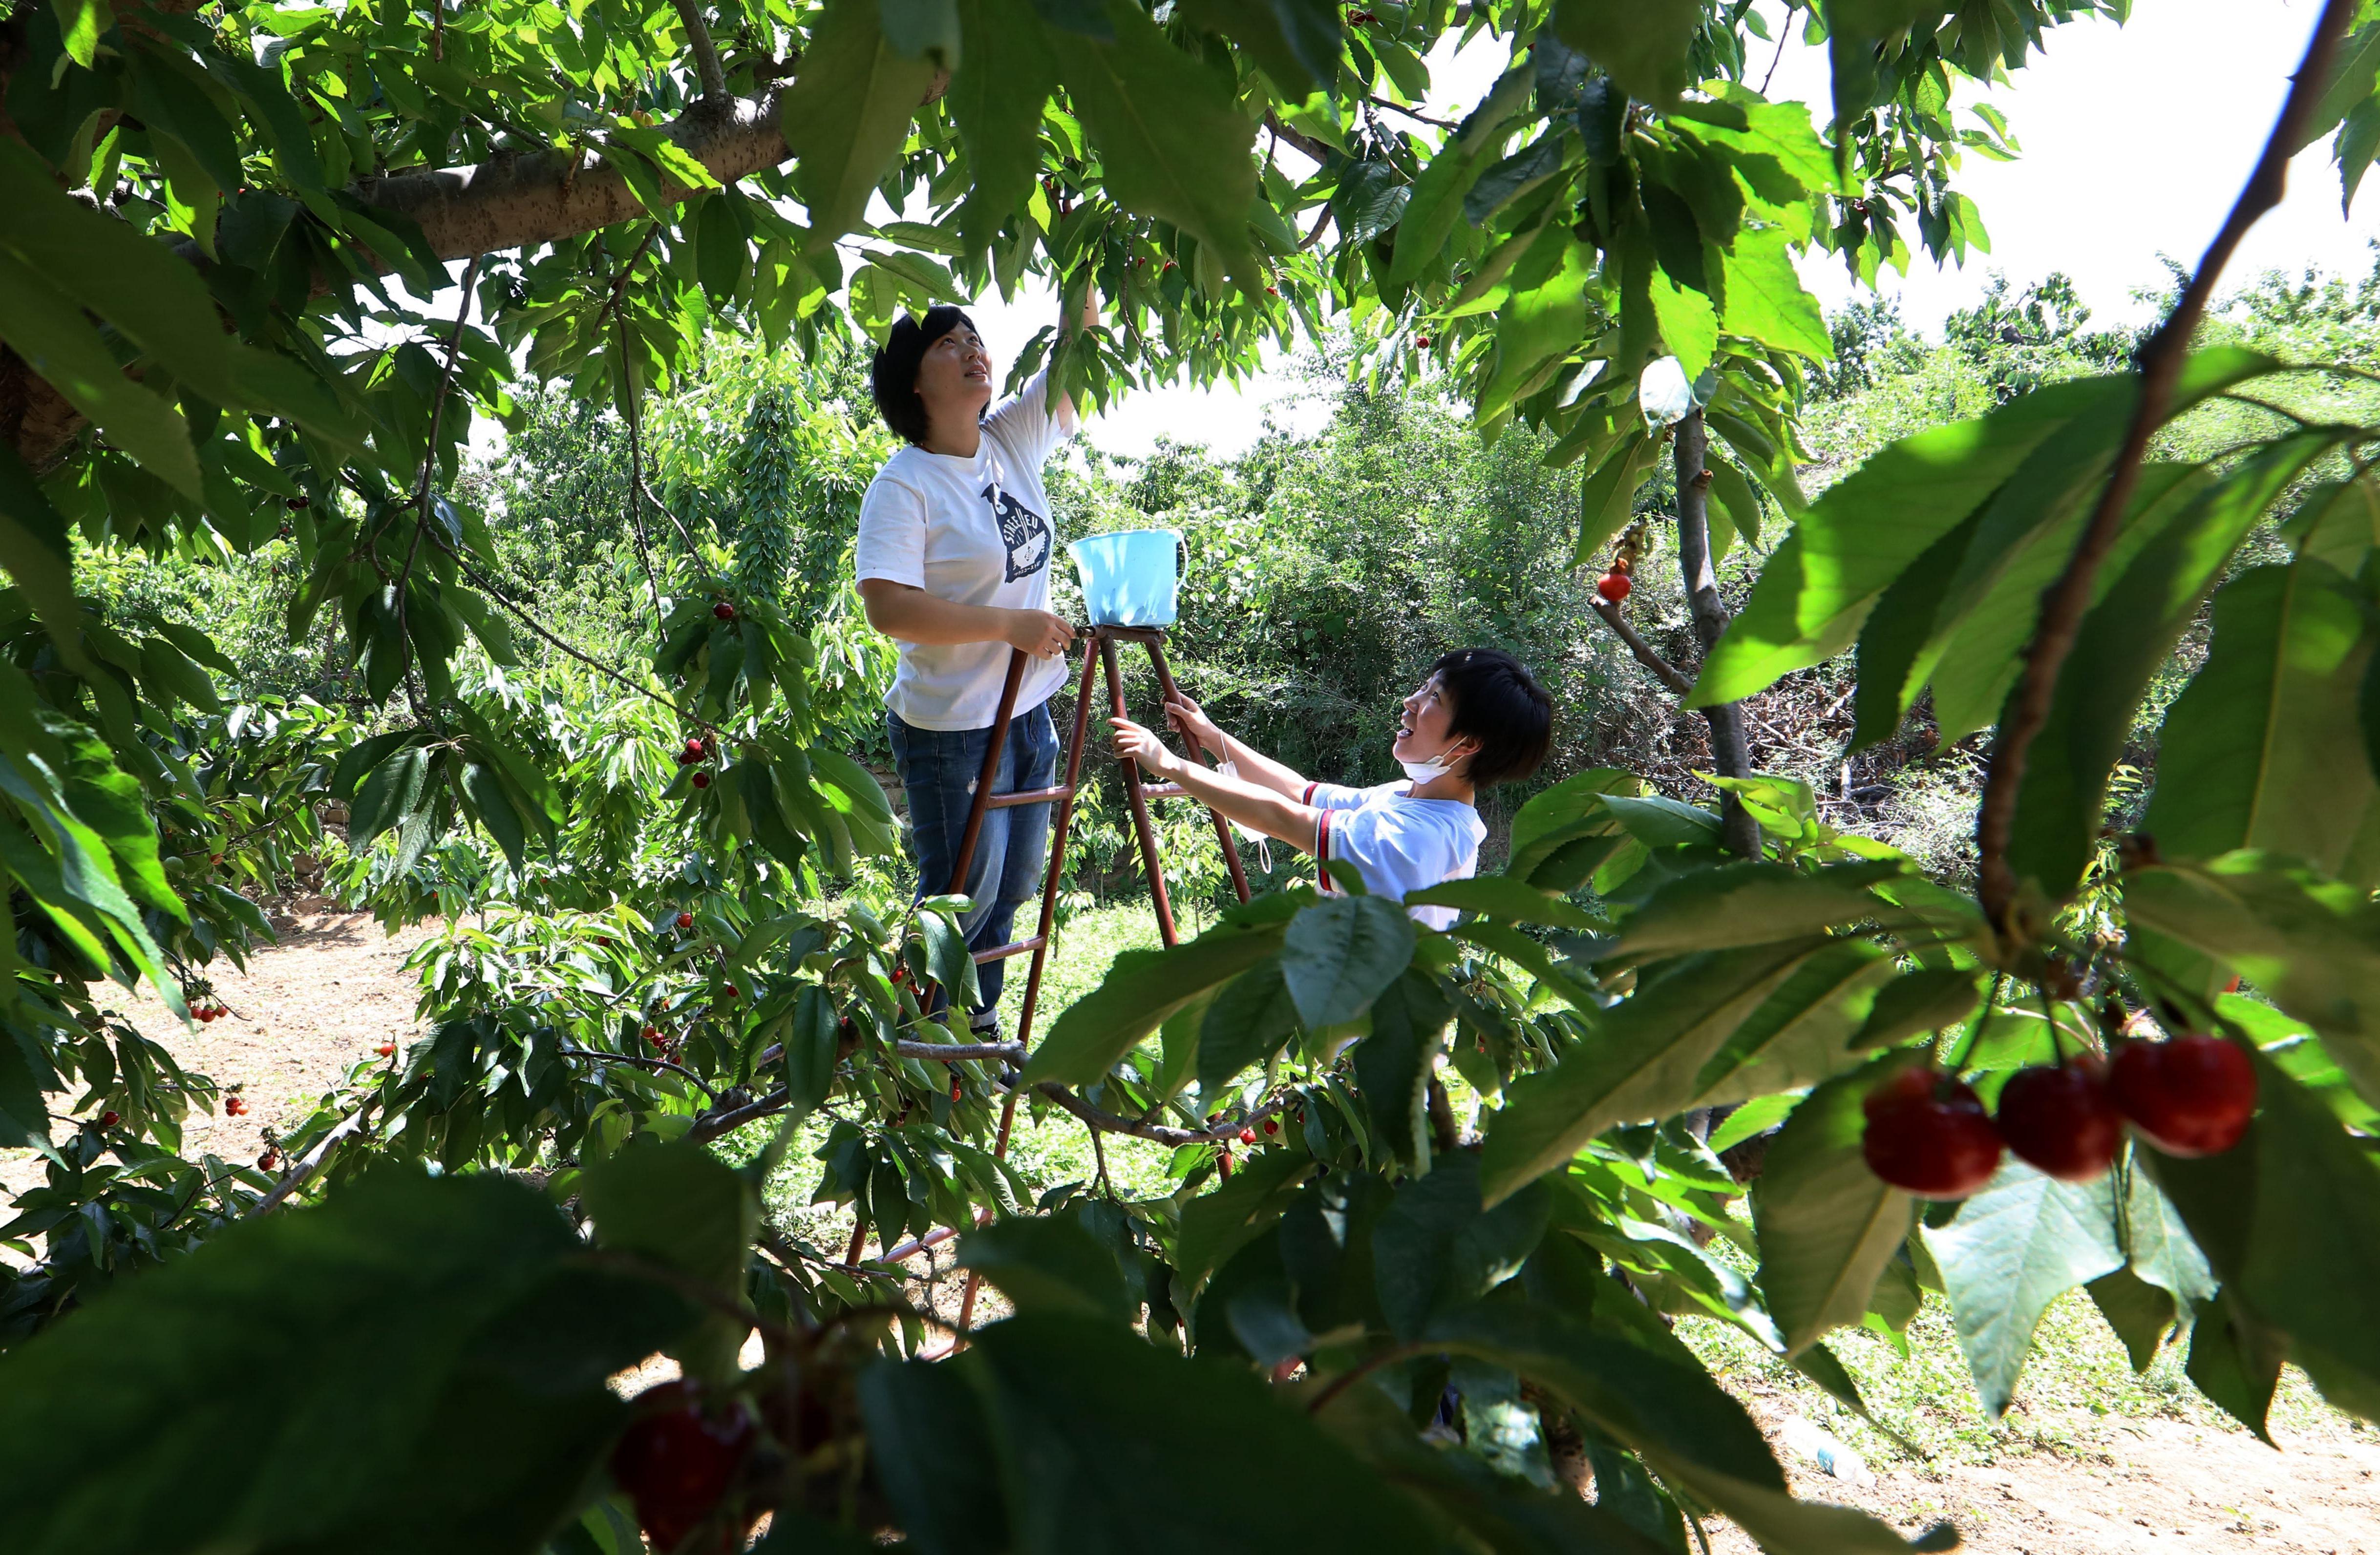 河北赞皇:樱桃丰产 农户增收